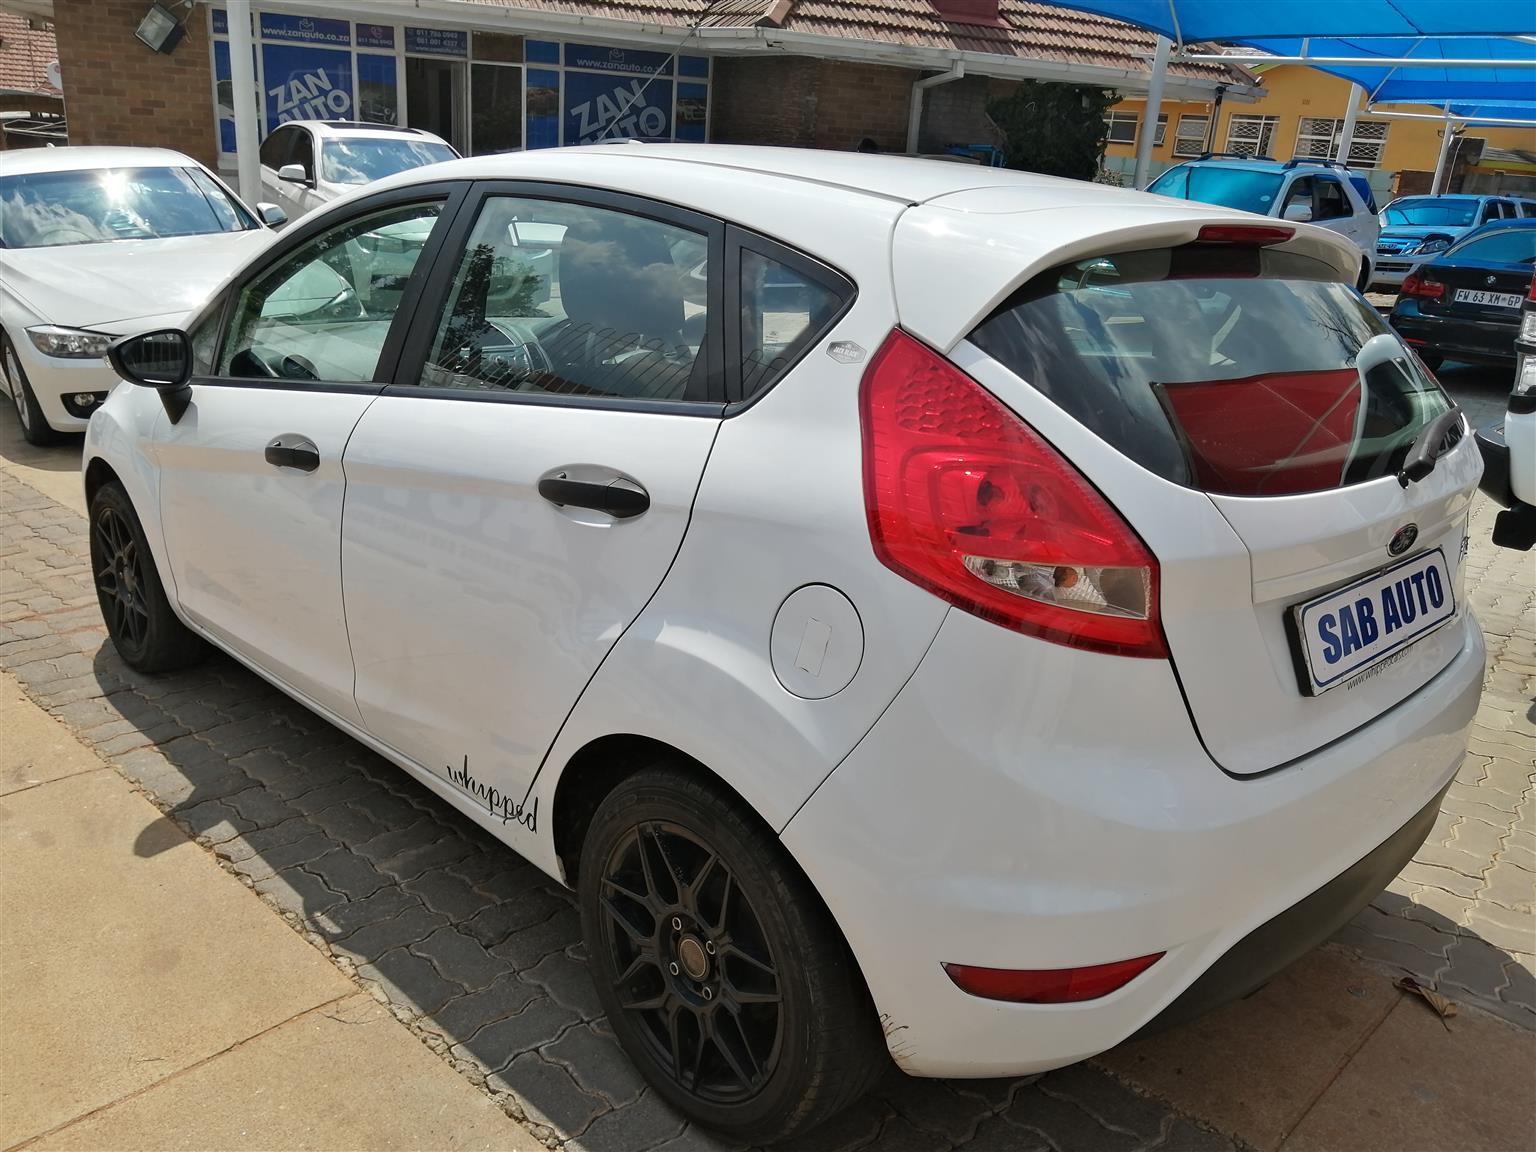 2010 Ford Fiesta 1.4 5 door Trend